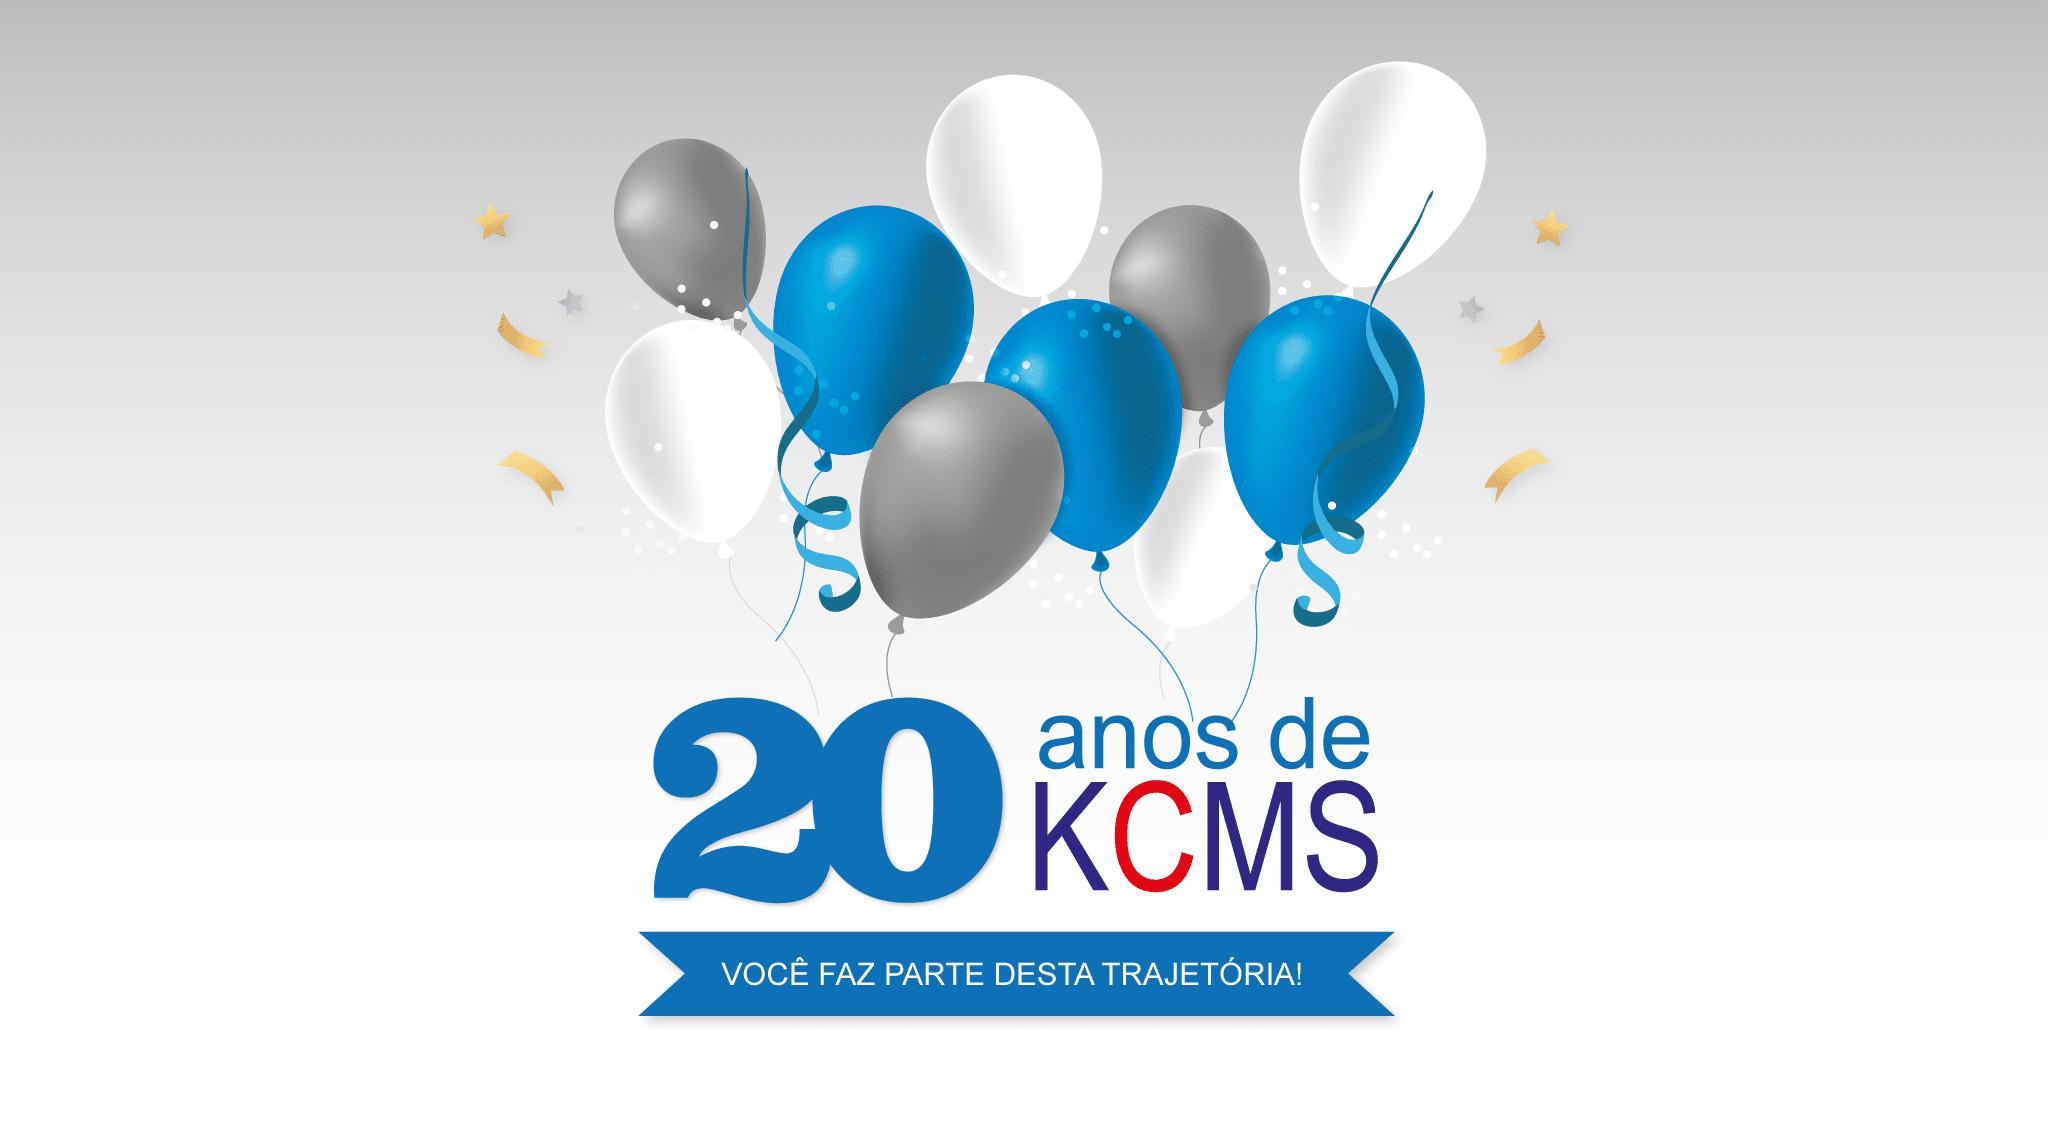 20 anos de kcms